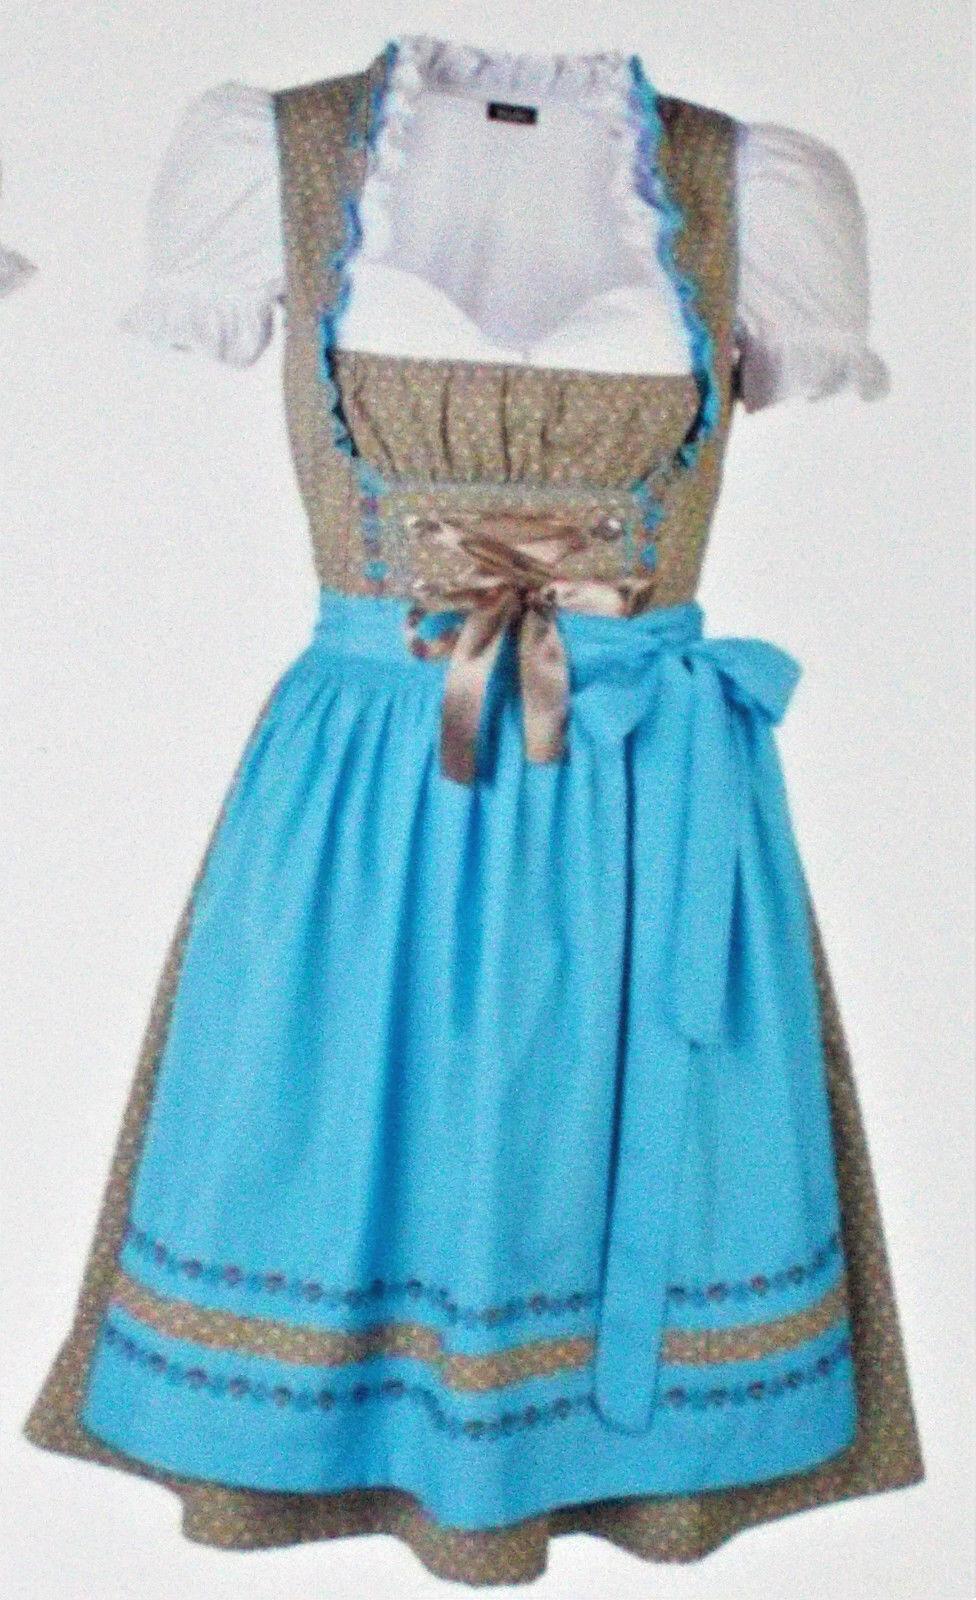 Zünftiges 3tlg. Damen Dirndl Kleid Kleid Kleid Oktoberfest Wiesn Gr.44 braun hellblau NEU  | Leicht zu reinigende Oberfläche  | Geeignet für Farbe  | Fierce Kaufen  8a54b9